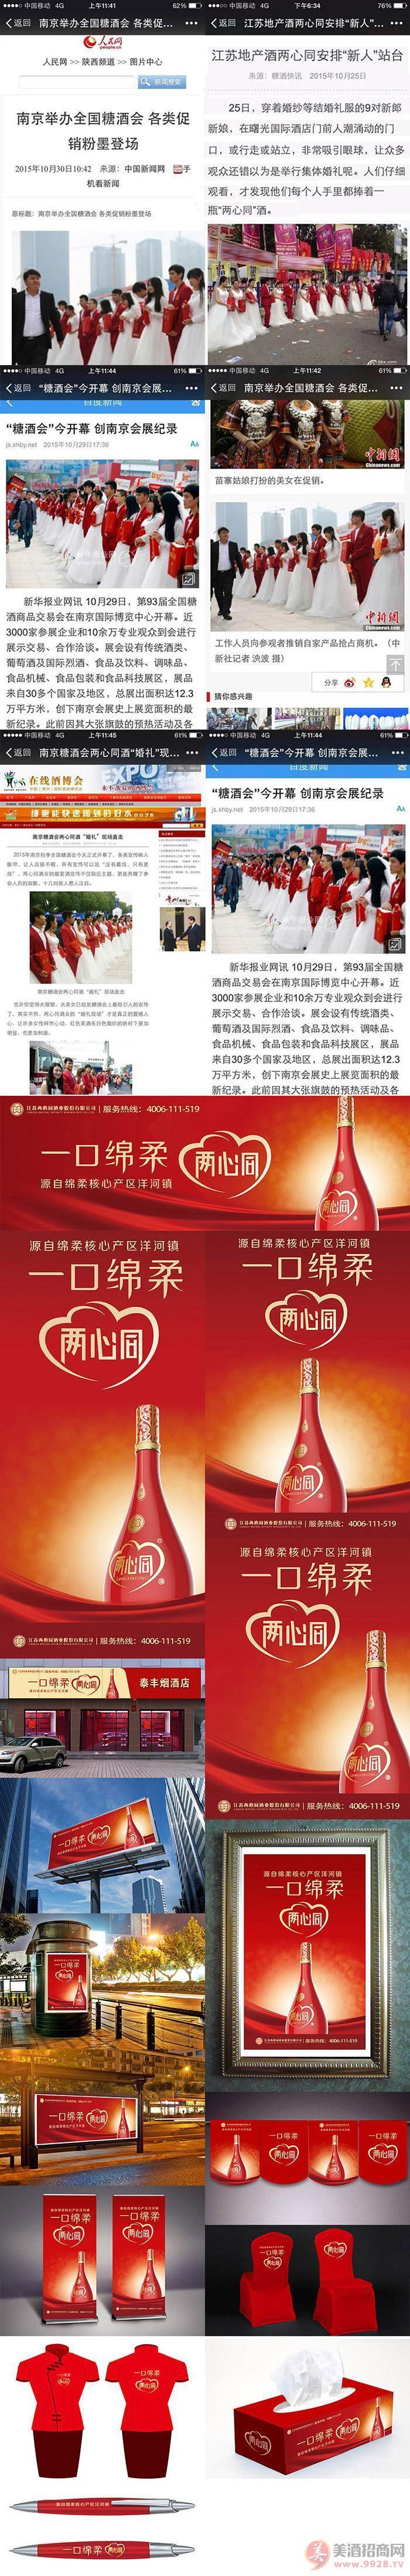 江苏洋河两心同酒业股份有限公司招商政策